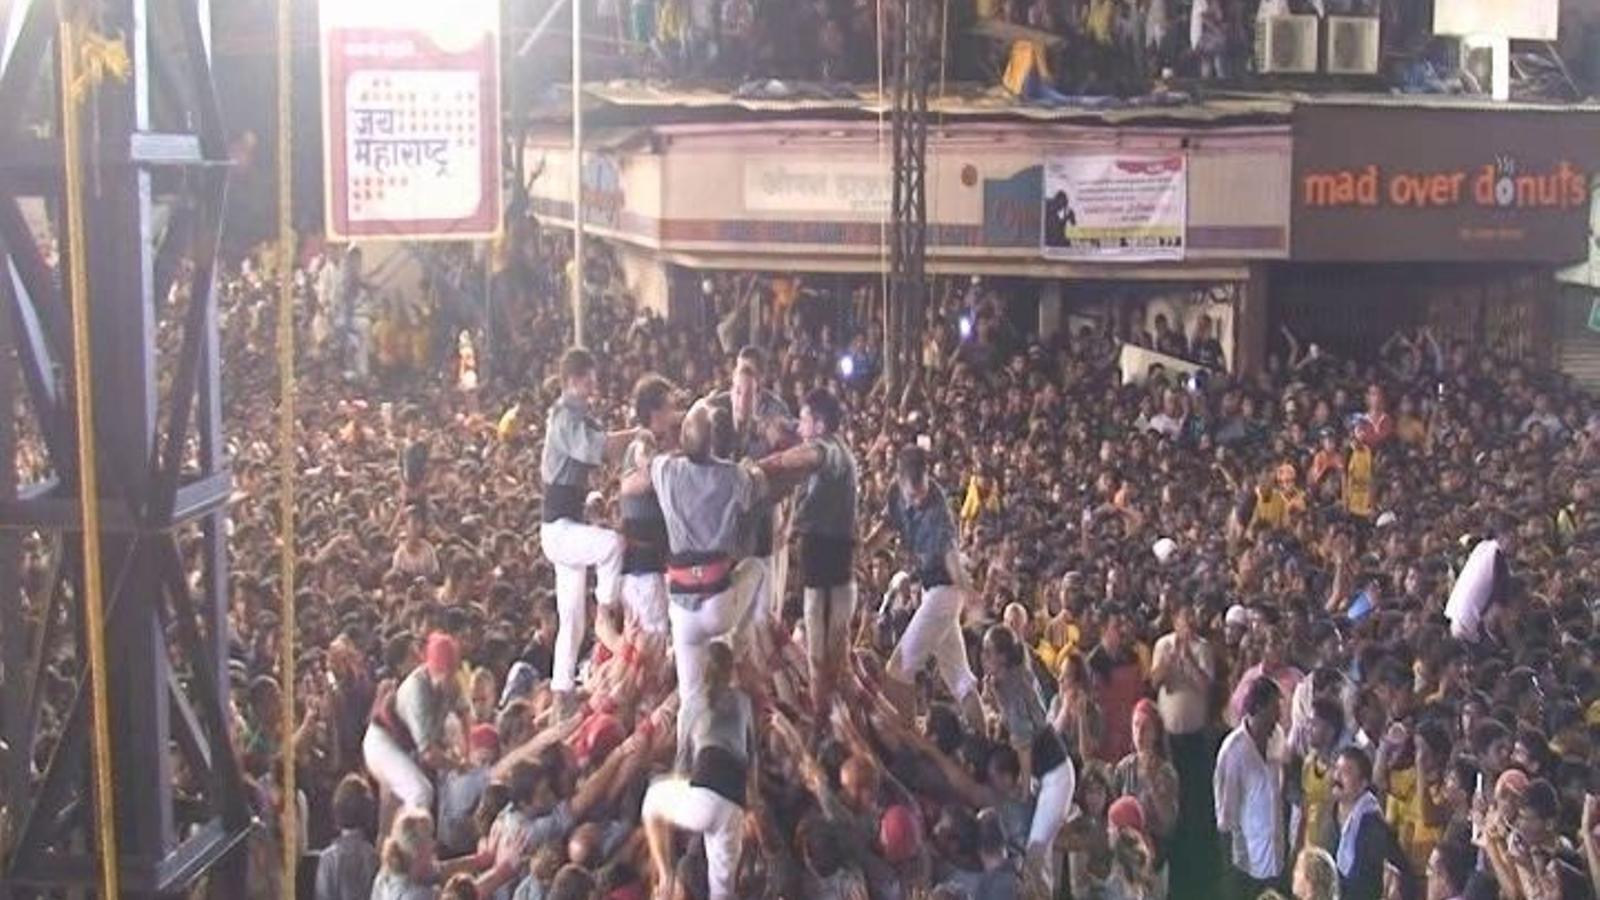 Els Castellers de Sants trenquen el 'handi', com marca la tradició 'govinda' de l'Índia